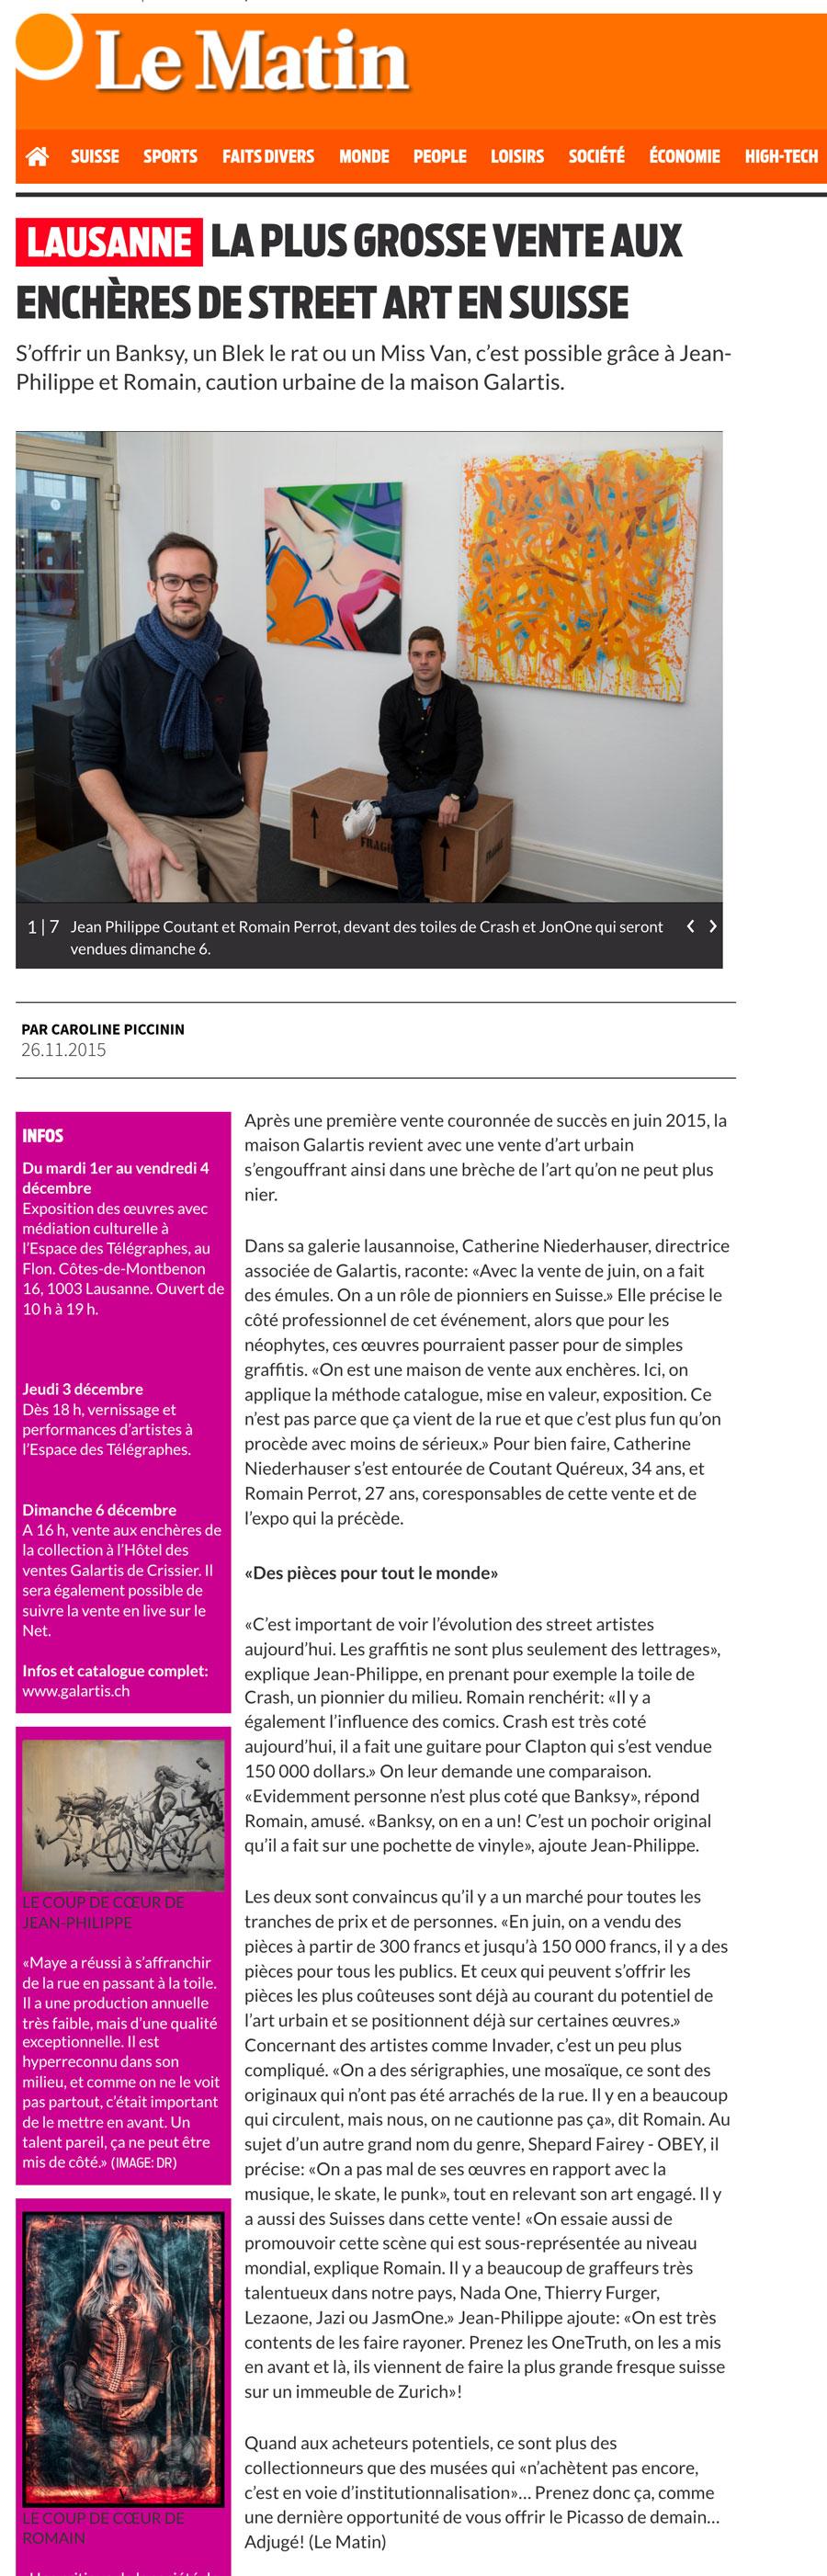 article de presse le Matin journal lausanne vente aux enchères jasm 1 jasm1 jasm one issam rezgui vaud suisse graffiti street art galartis